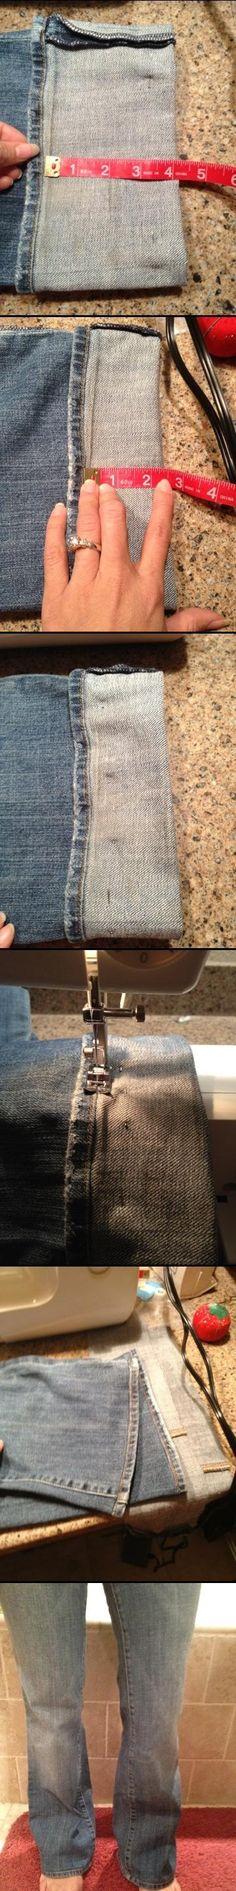 Hem Jeans, Keeping Original Hem, by Refashion Mama.